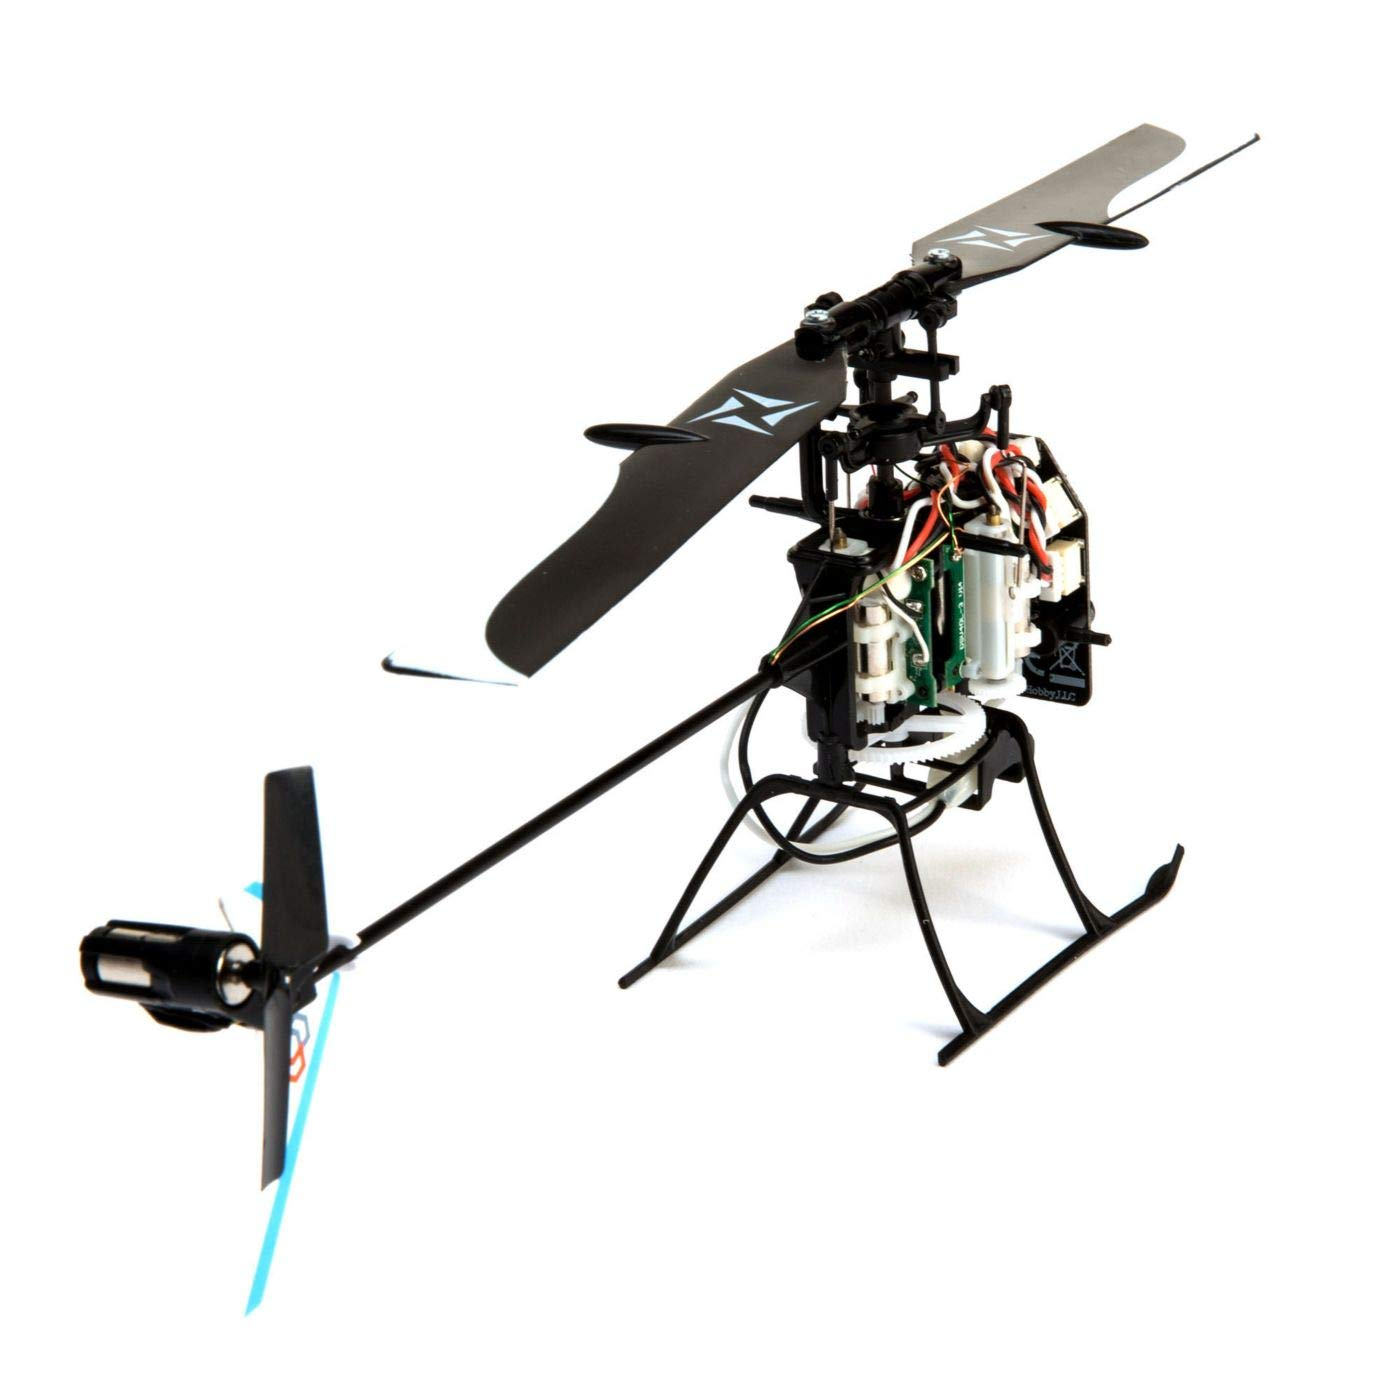 Blade Nano S2 RC Hubschrauber BNF